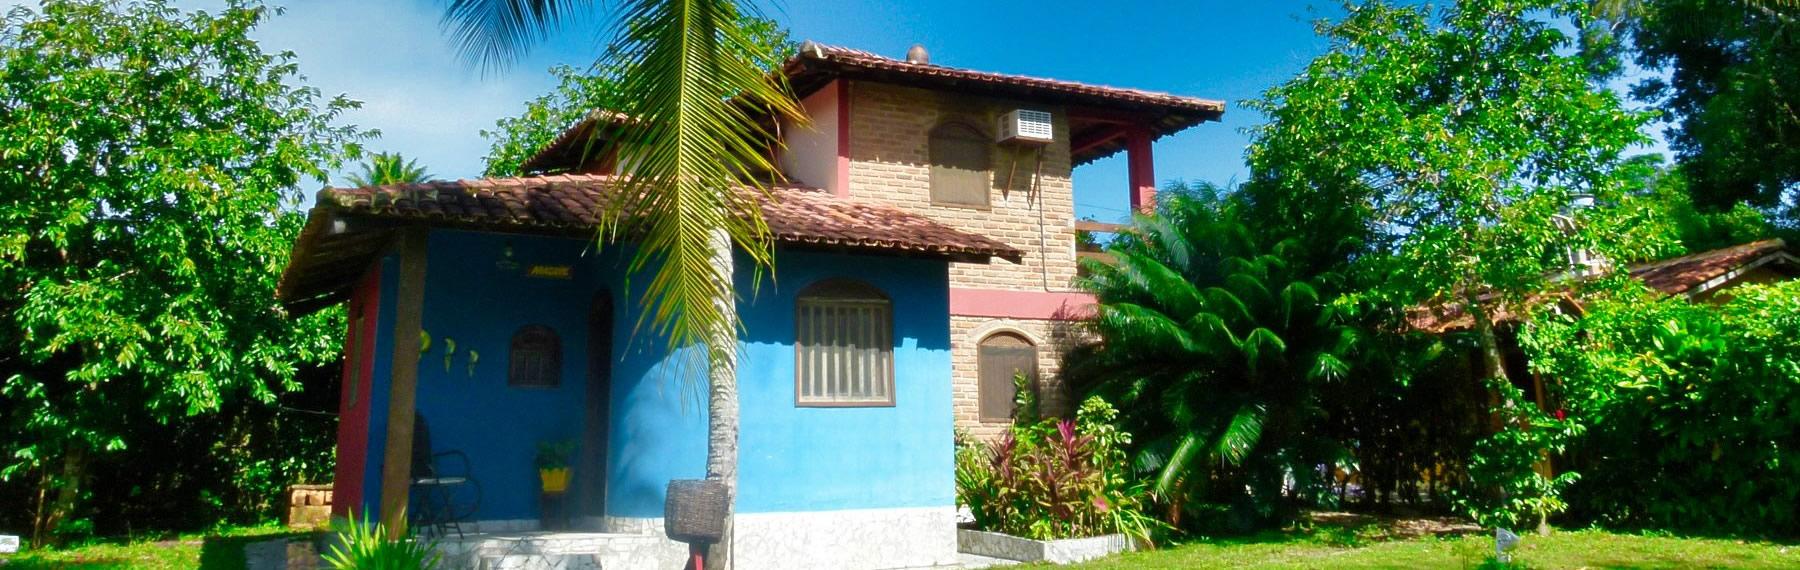 Casa Araçaipe